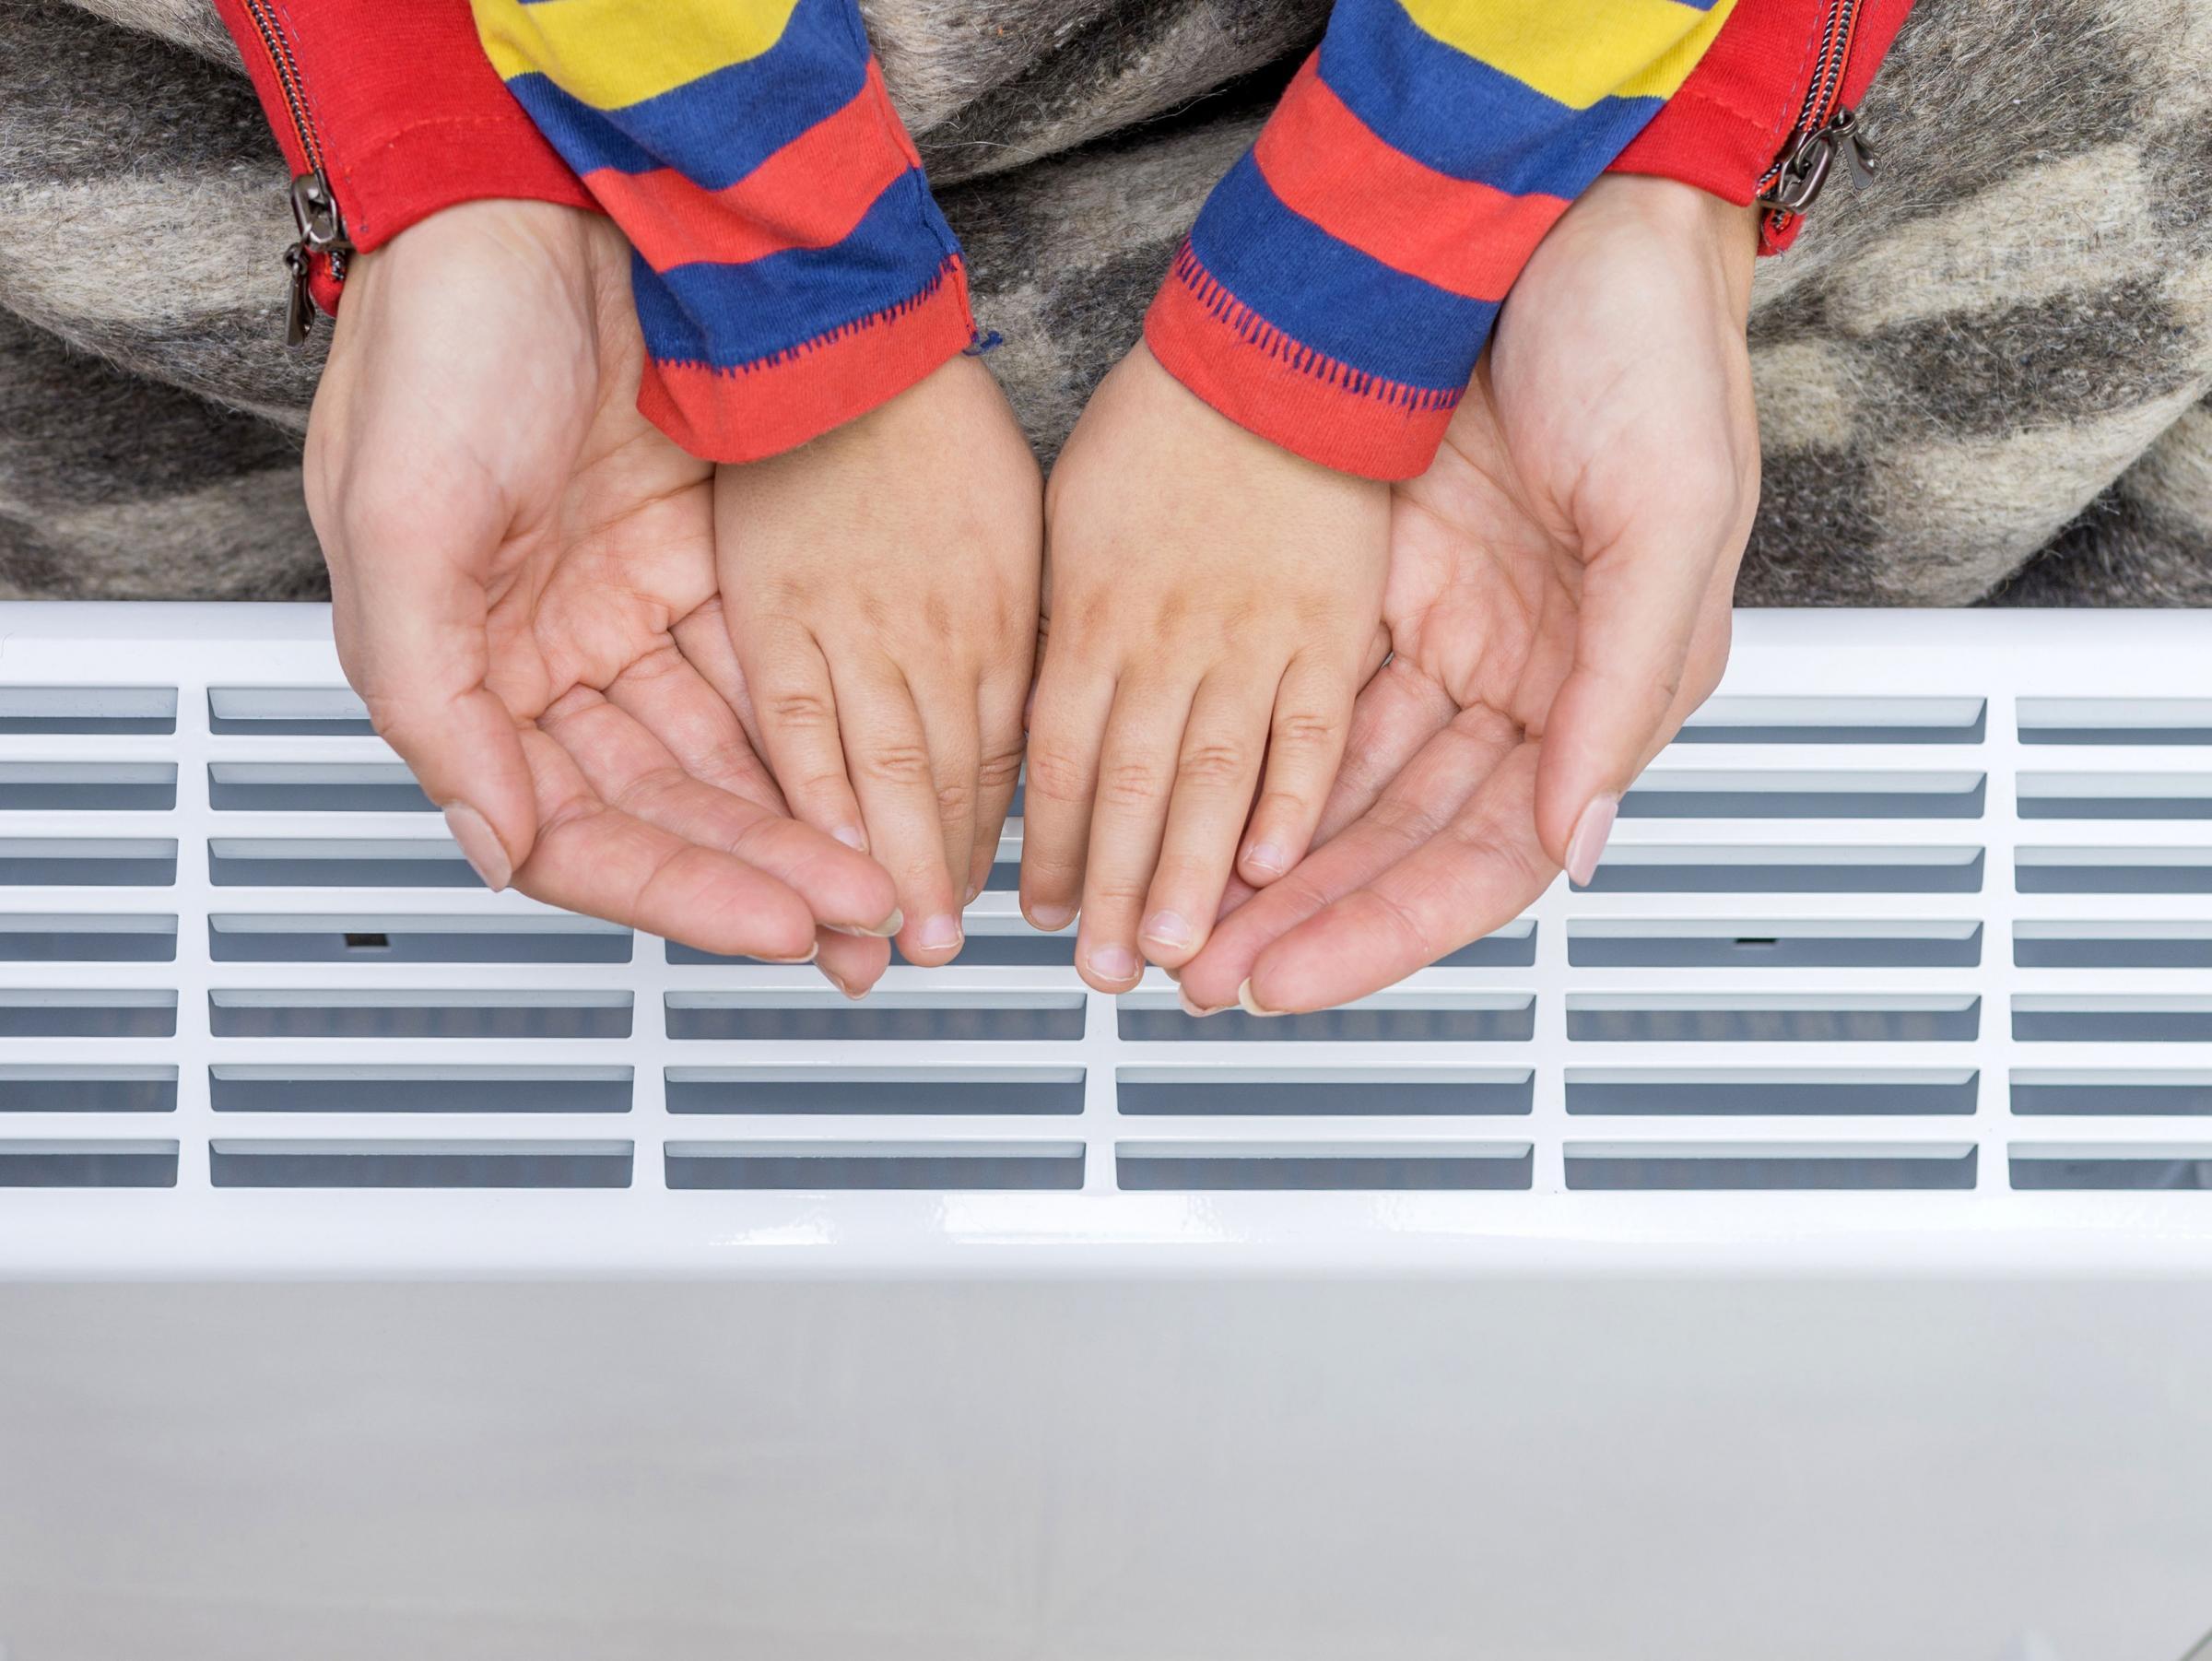 Bantuan dan diskon pemerintah tersedia untuk menghangatkan rumah Anda di musim dingin ini